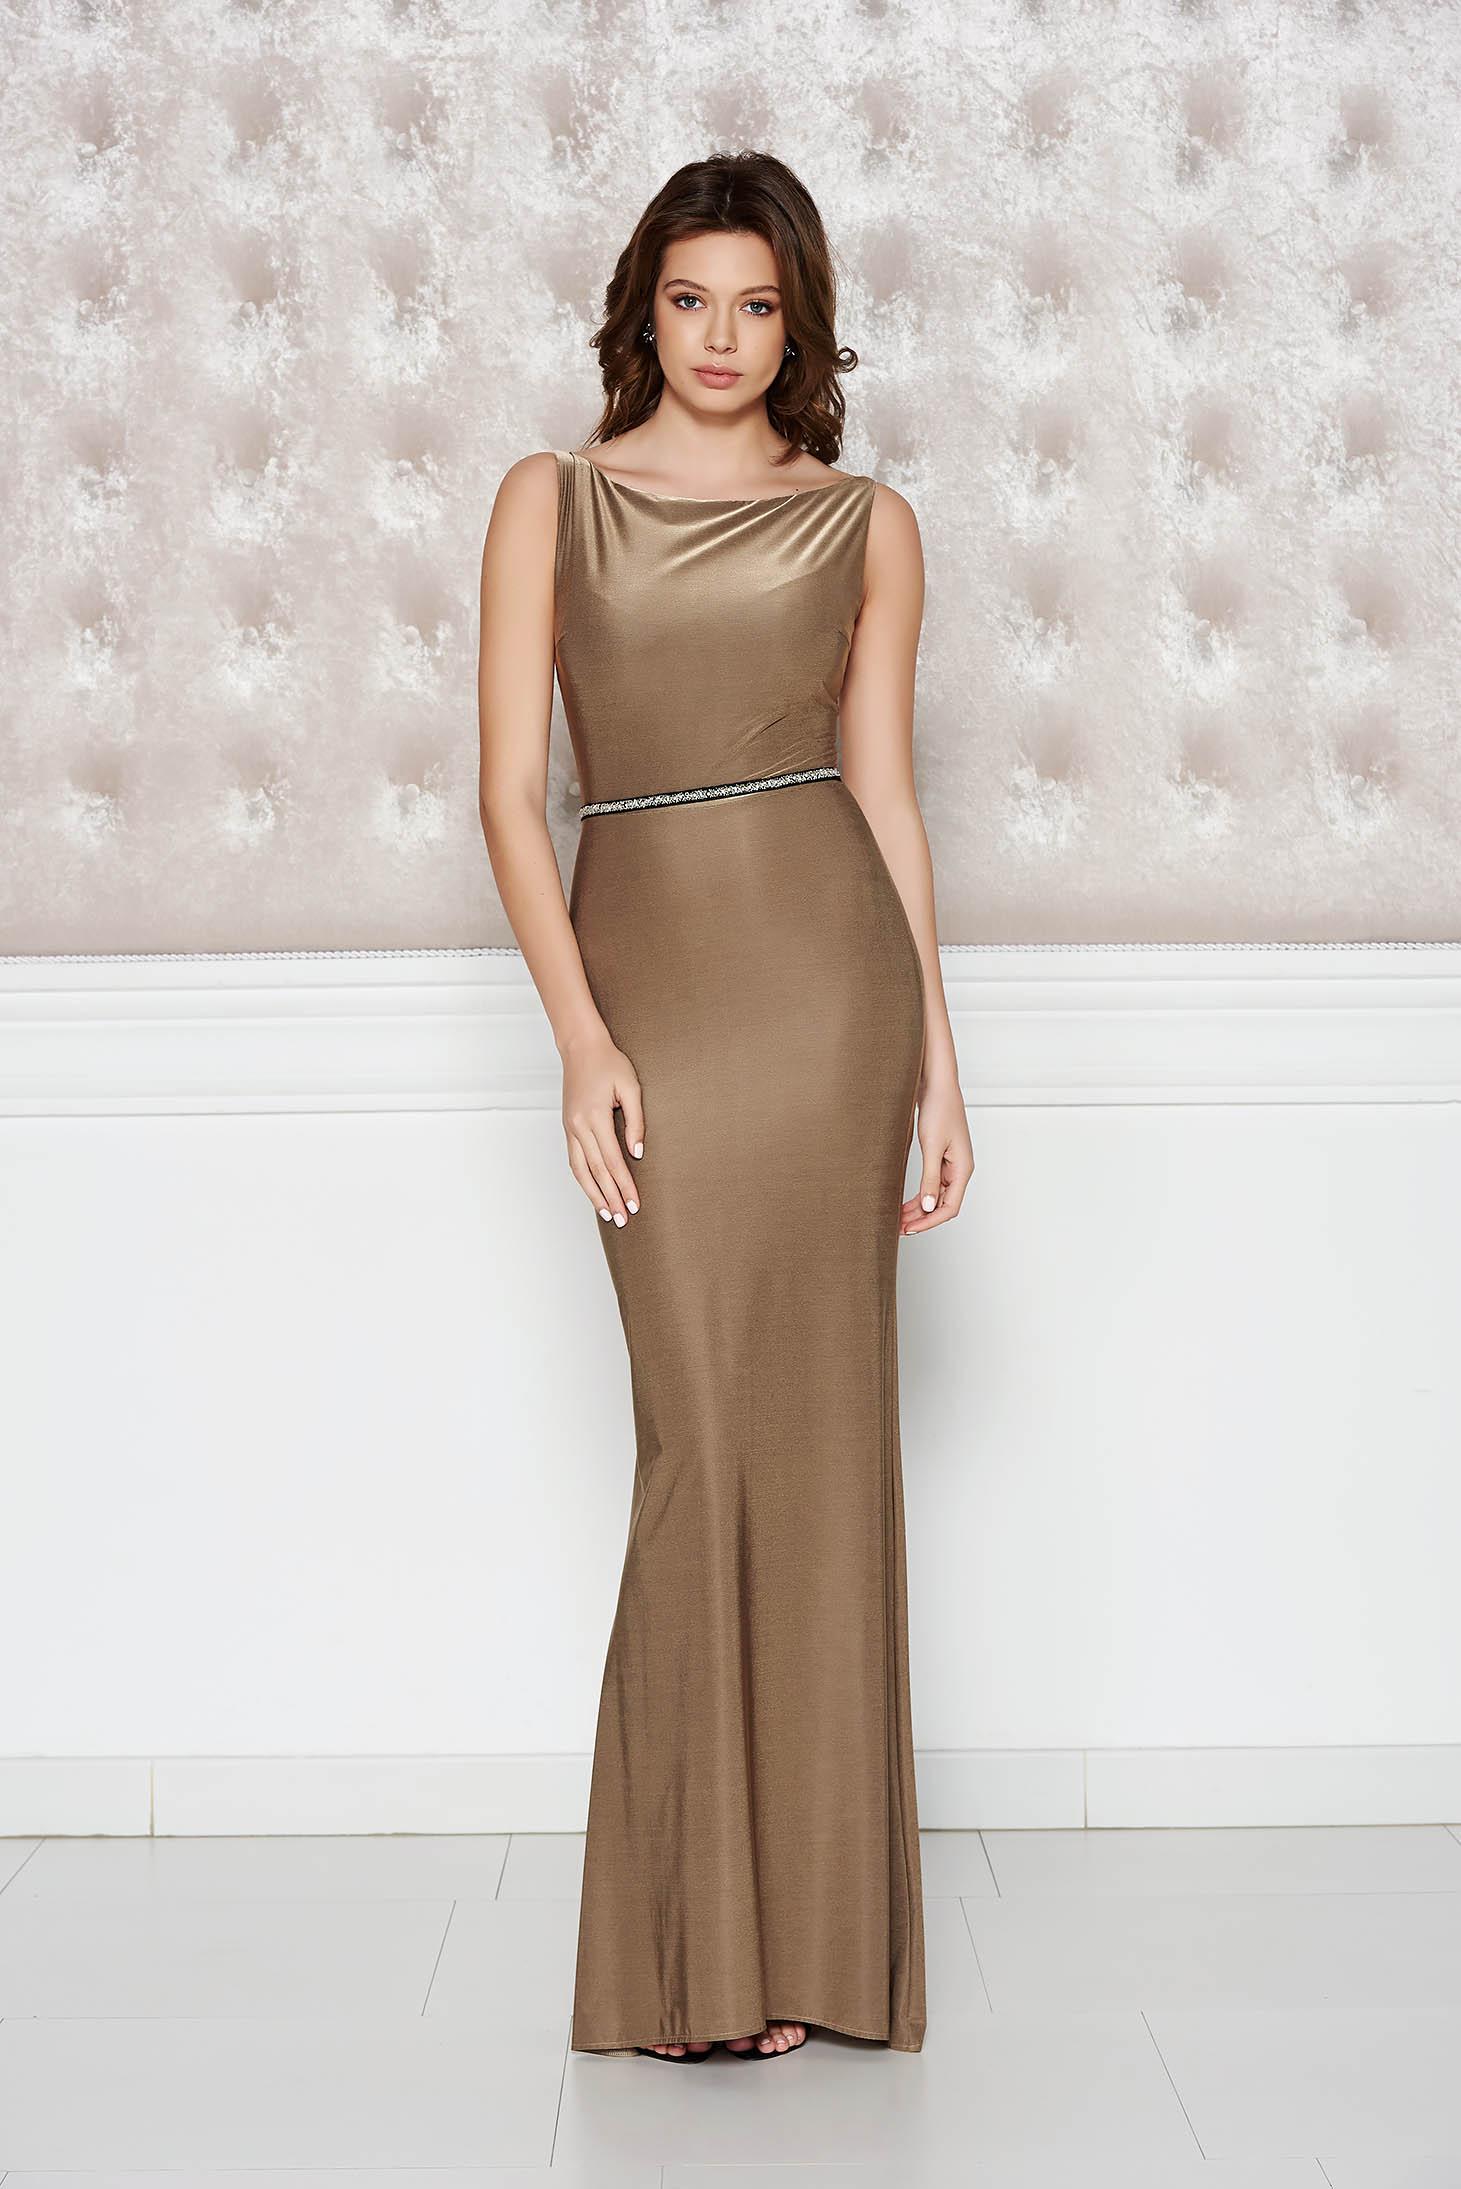 Barna StarShinerS alkalmi ruha fényes anyag rugalmas anyag szirén tipusú a93e32514d